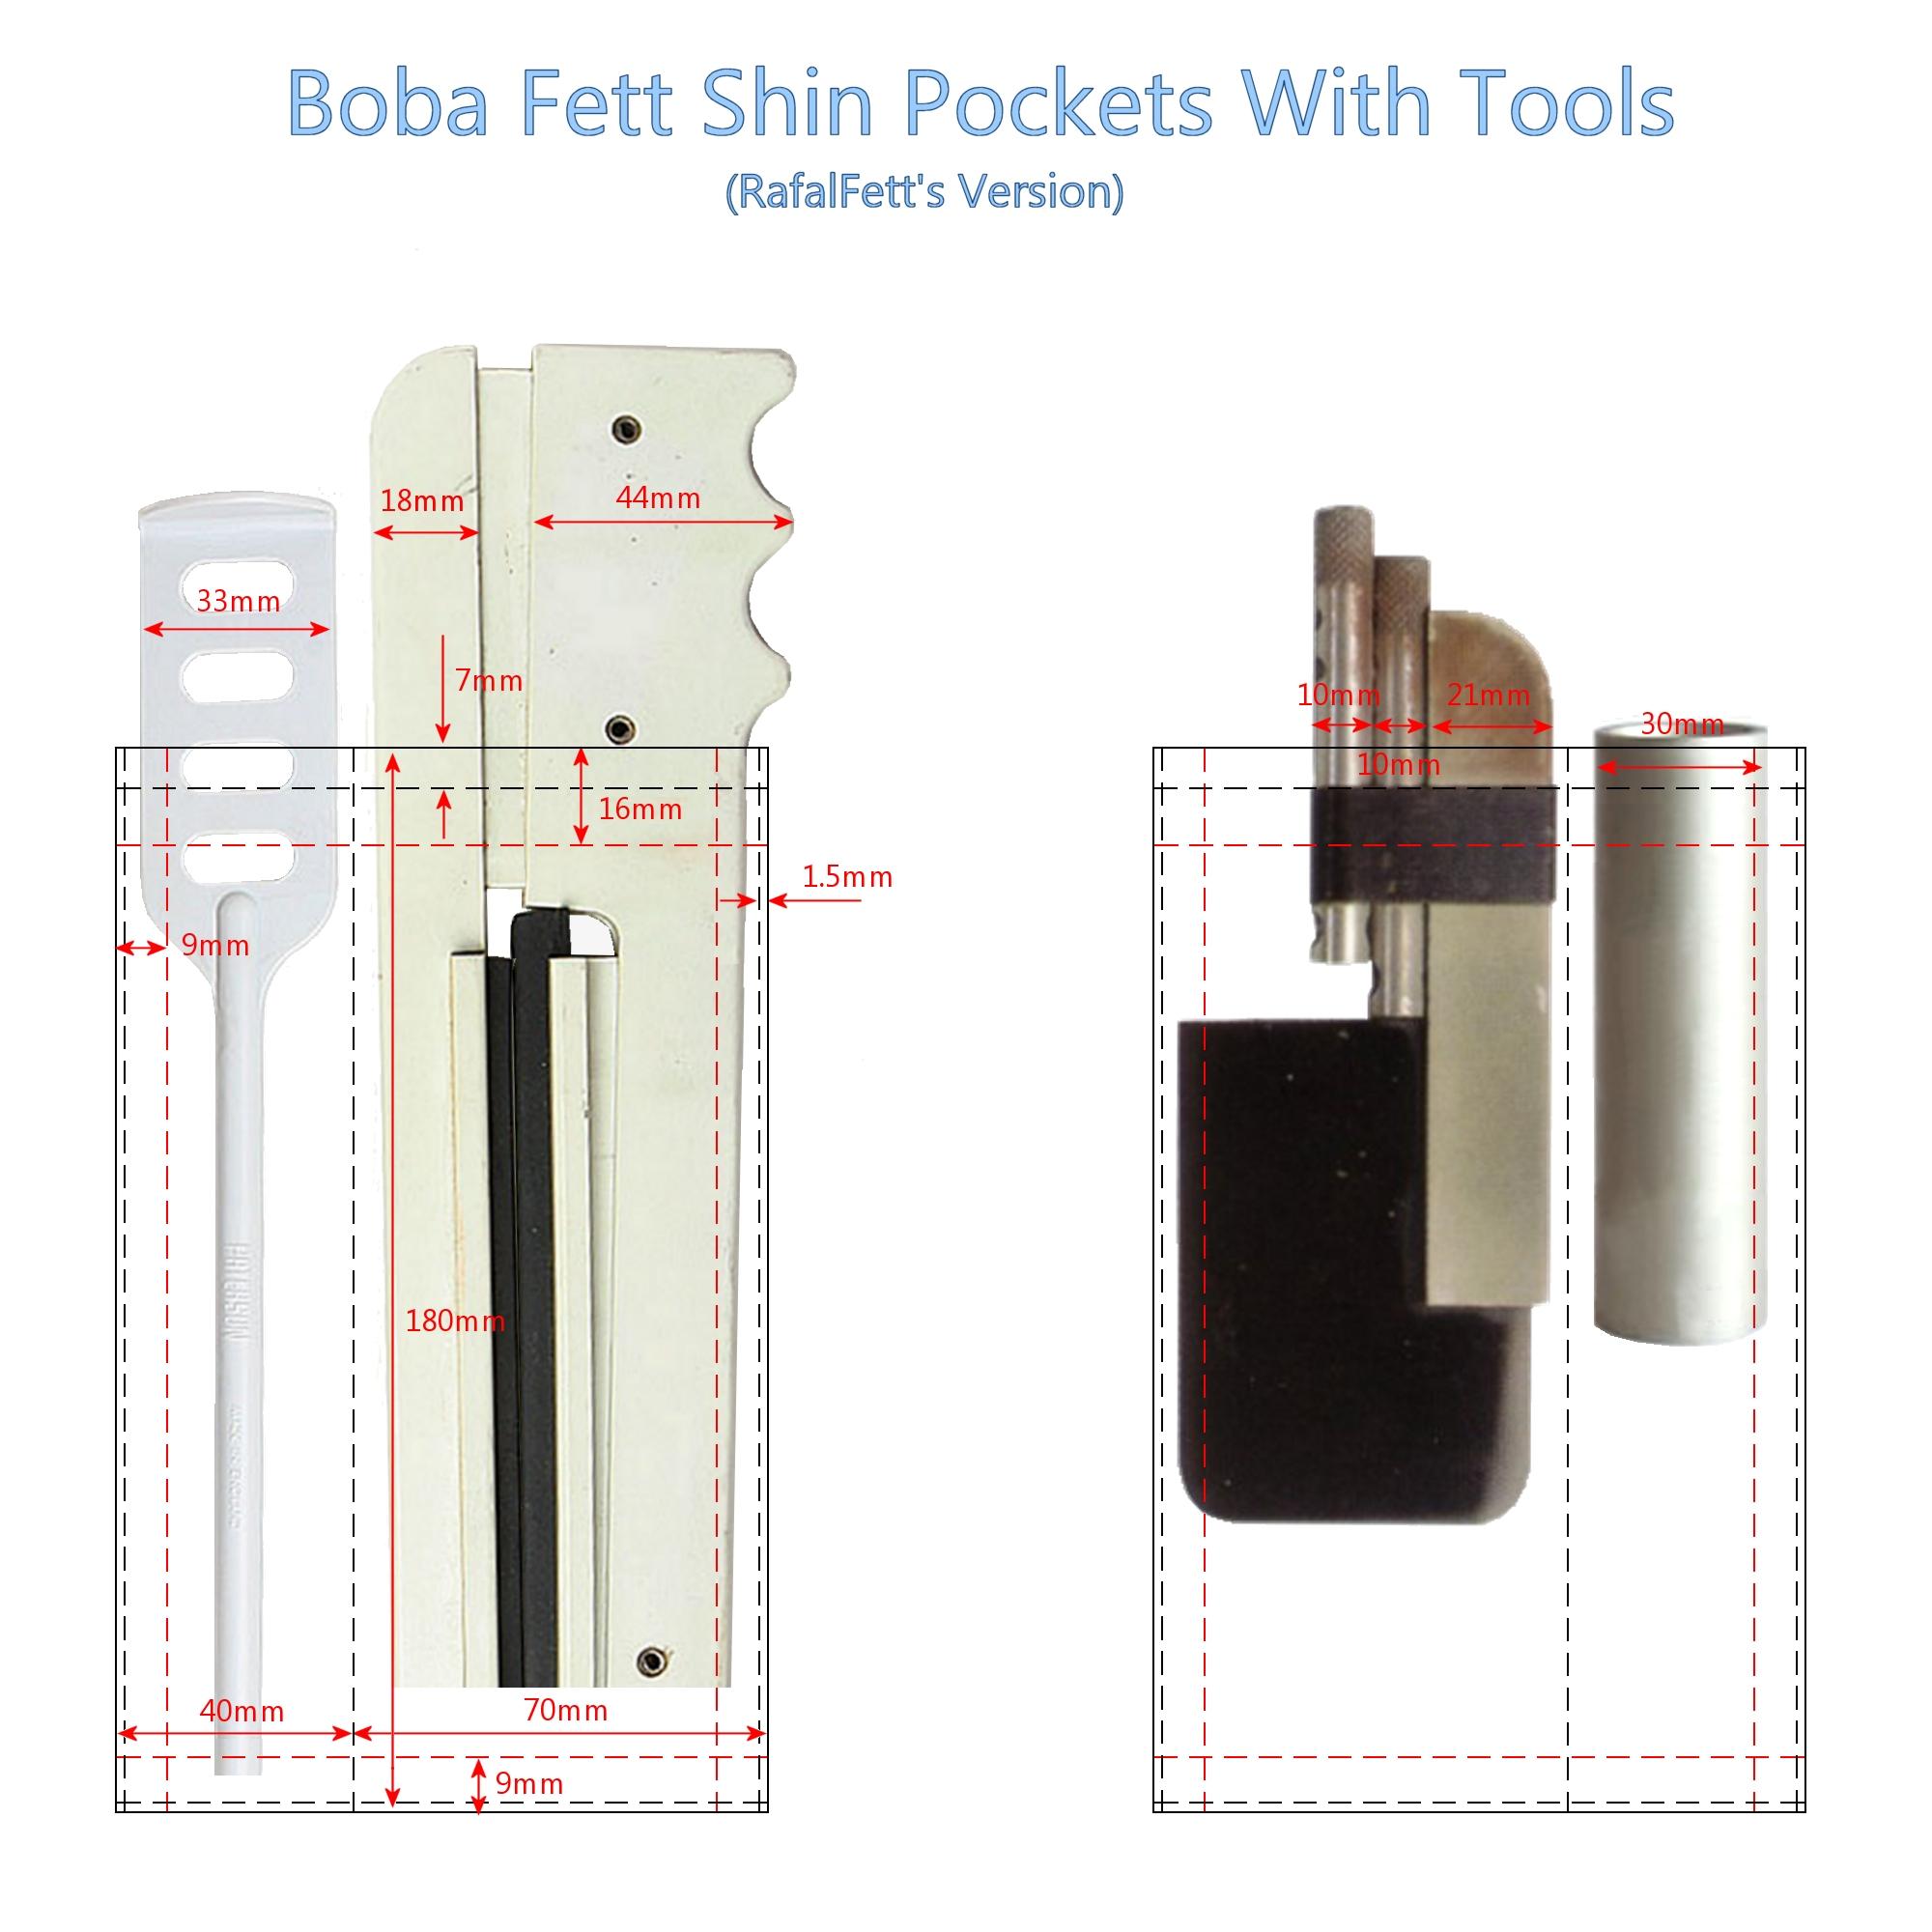 Shin Tools In Pockets.jpg